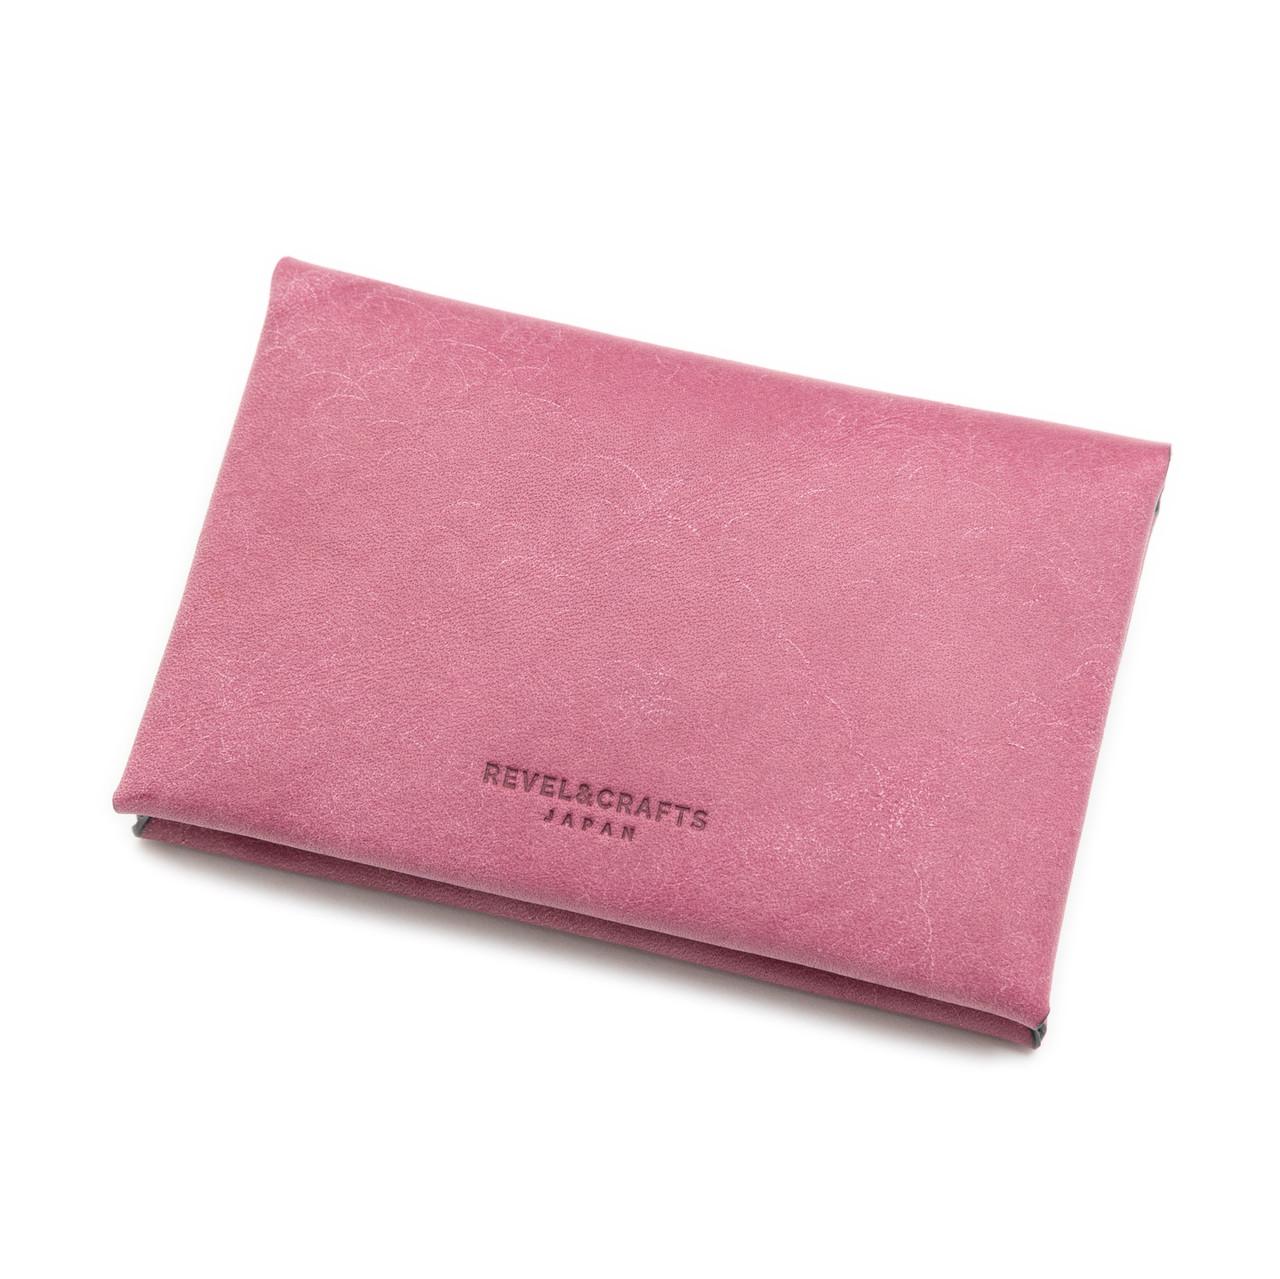 [限定]折革薄型名刺入れカードケース-イタリアンスクラッチ 紫陽花